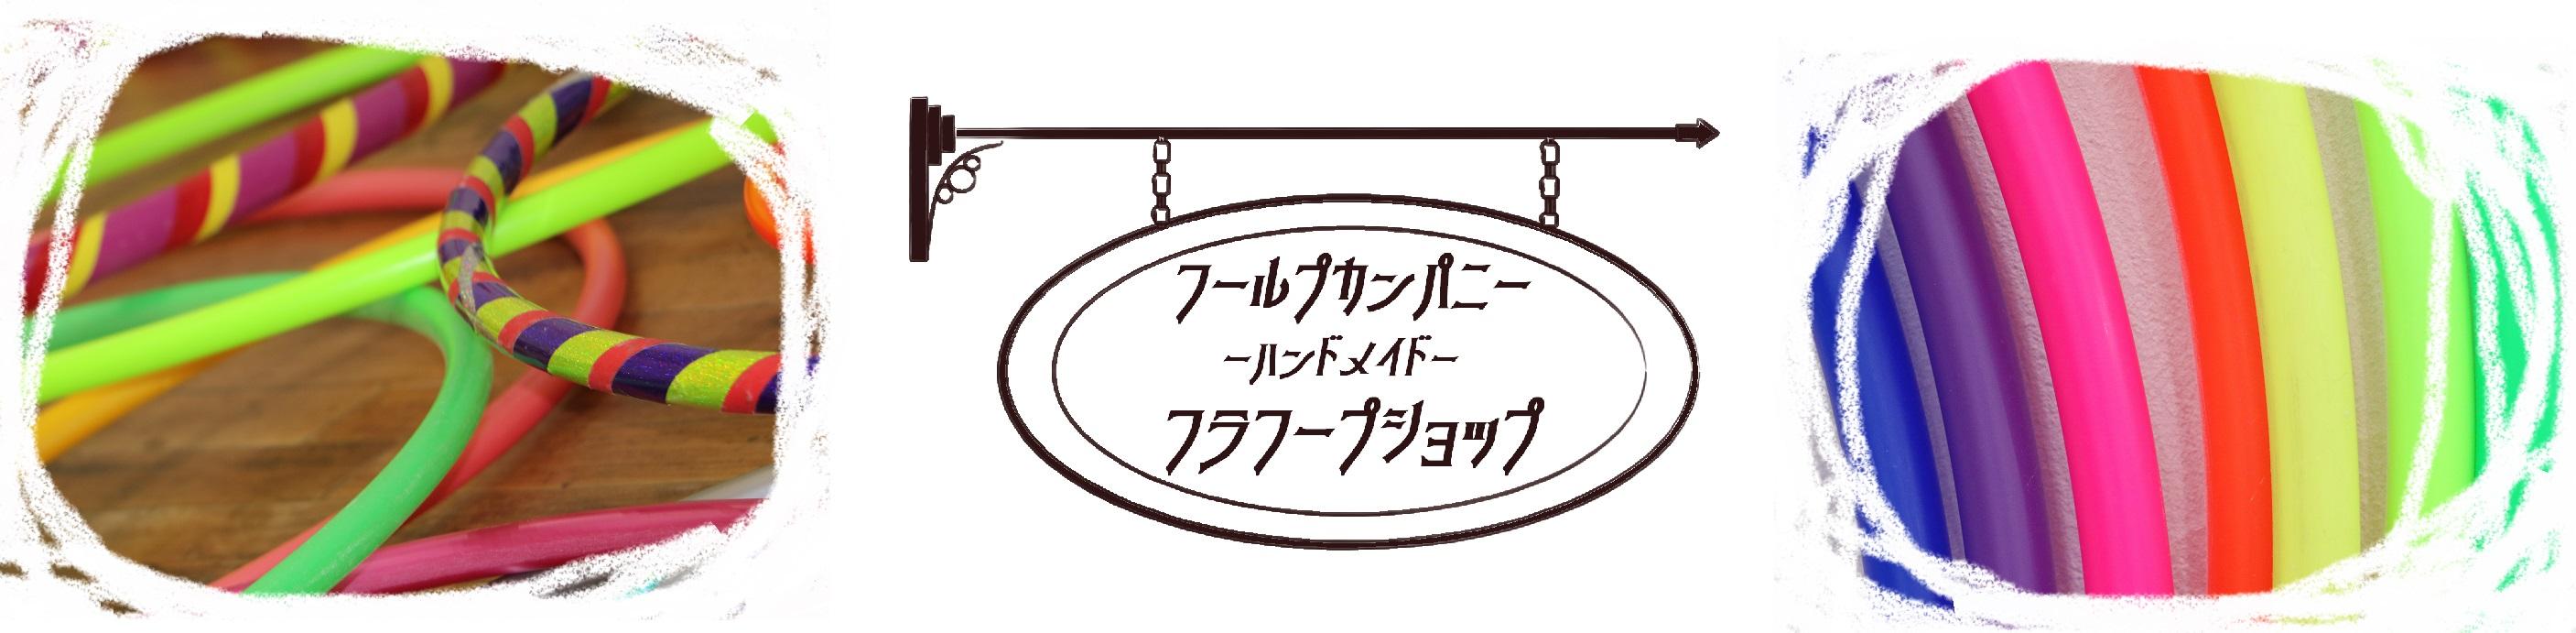 〜ハンドメイド〜フラフープ専門店